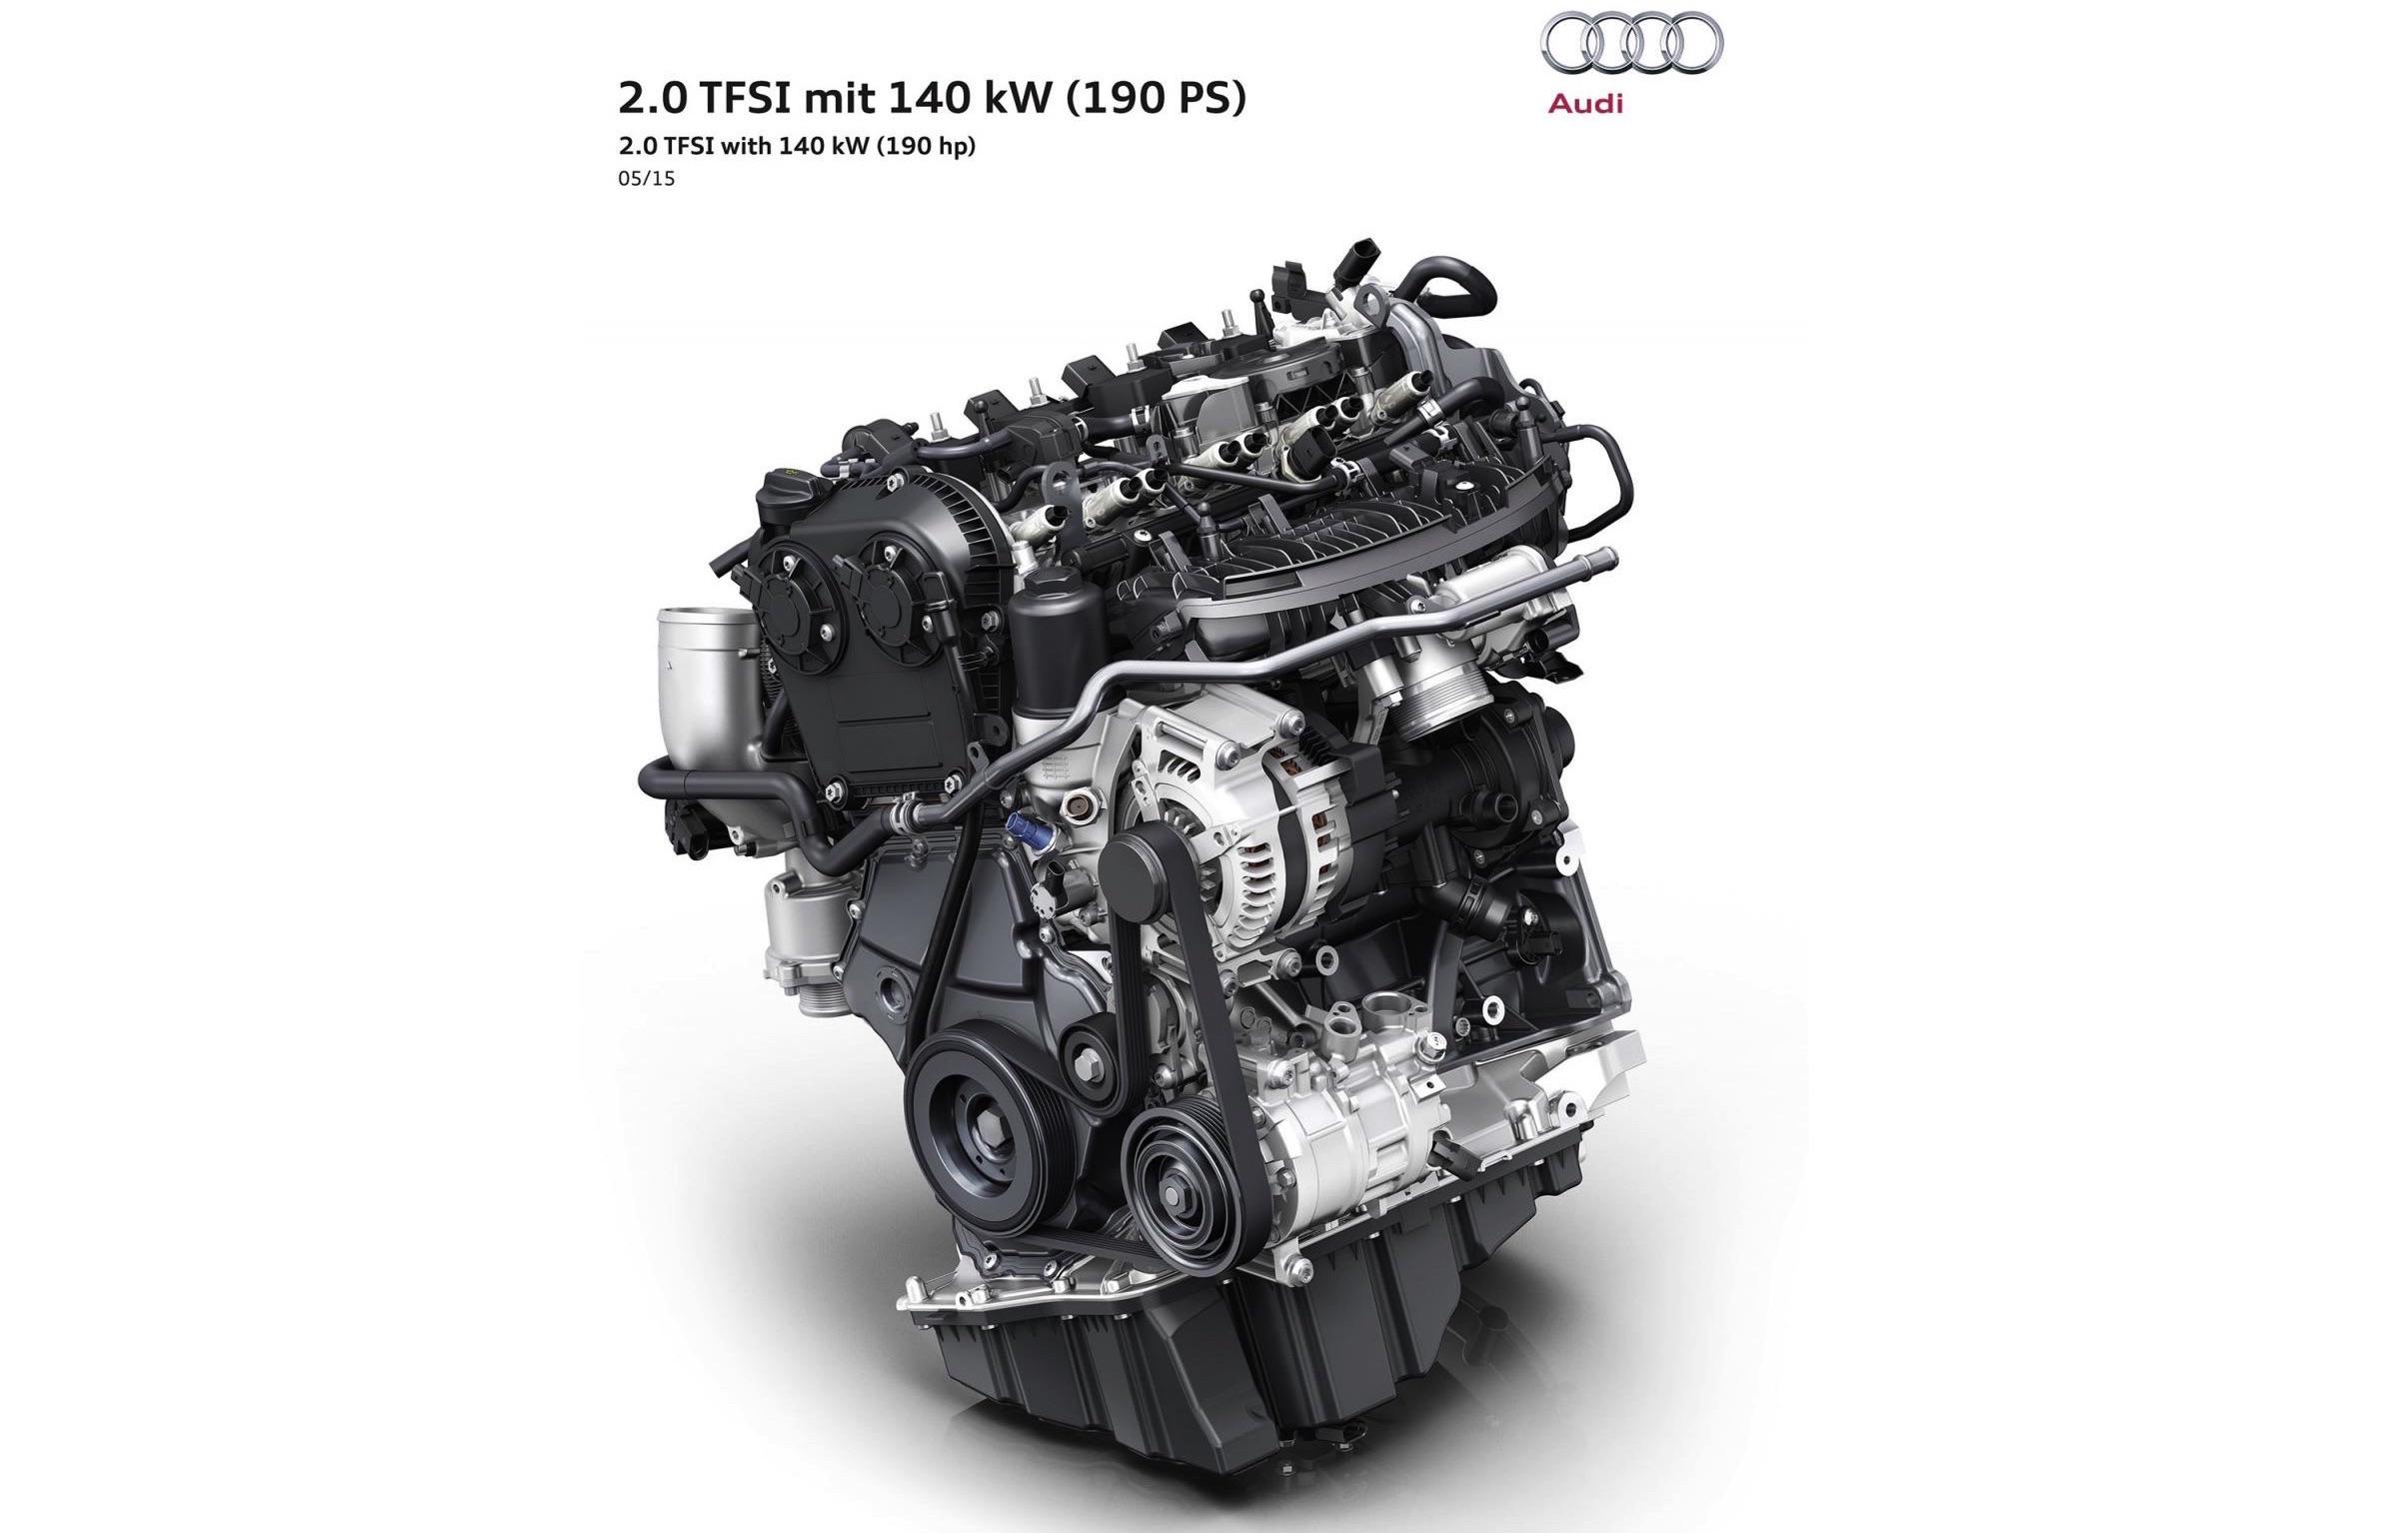 Audi debuts new 2.0 TFSI engine, uses 'rightsizing' philosophy ...